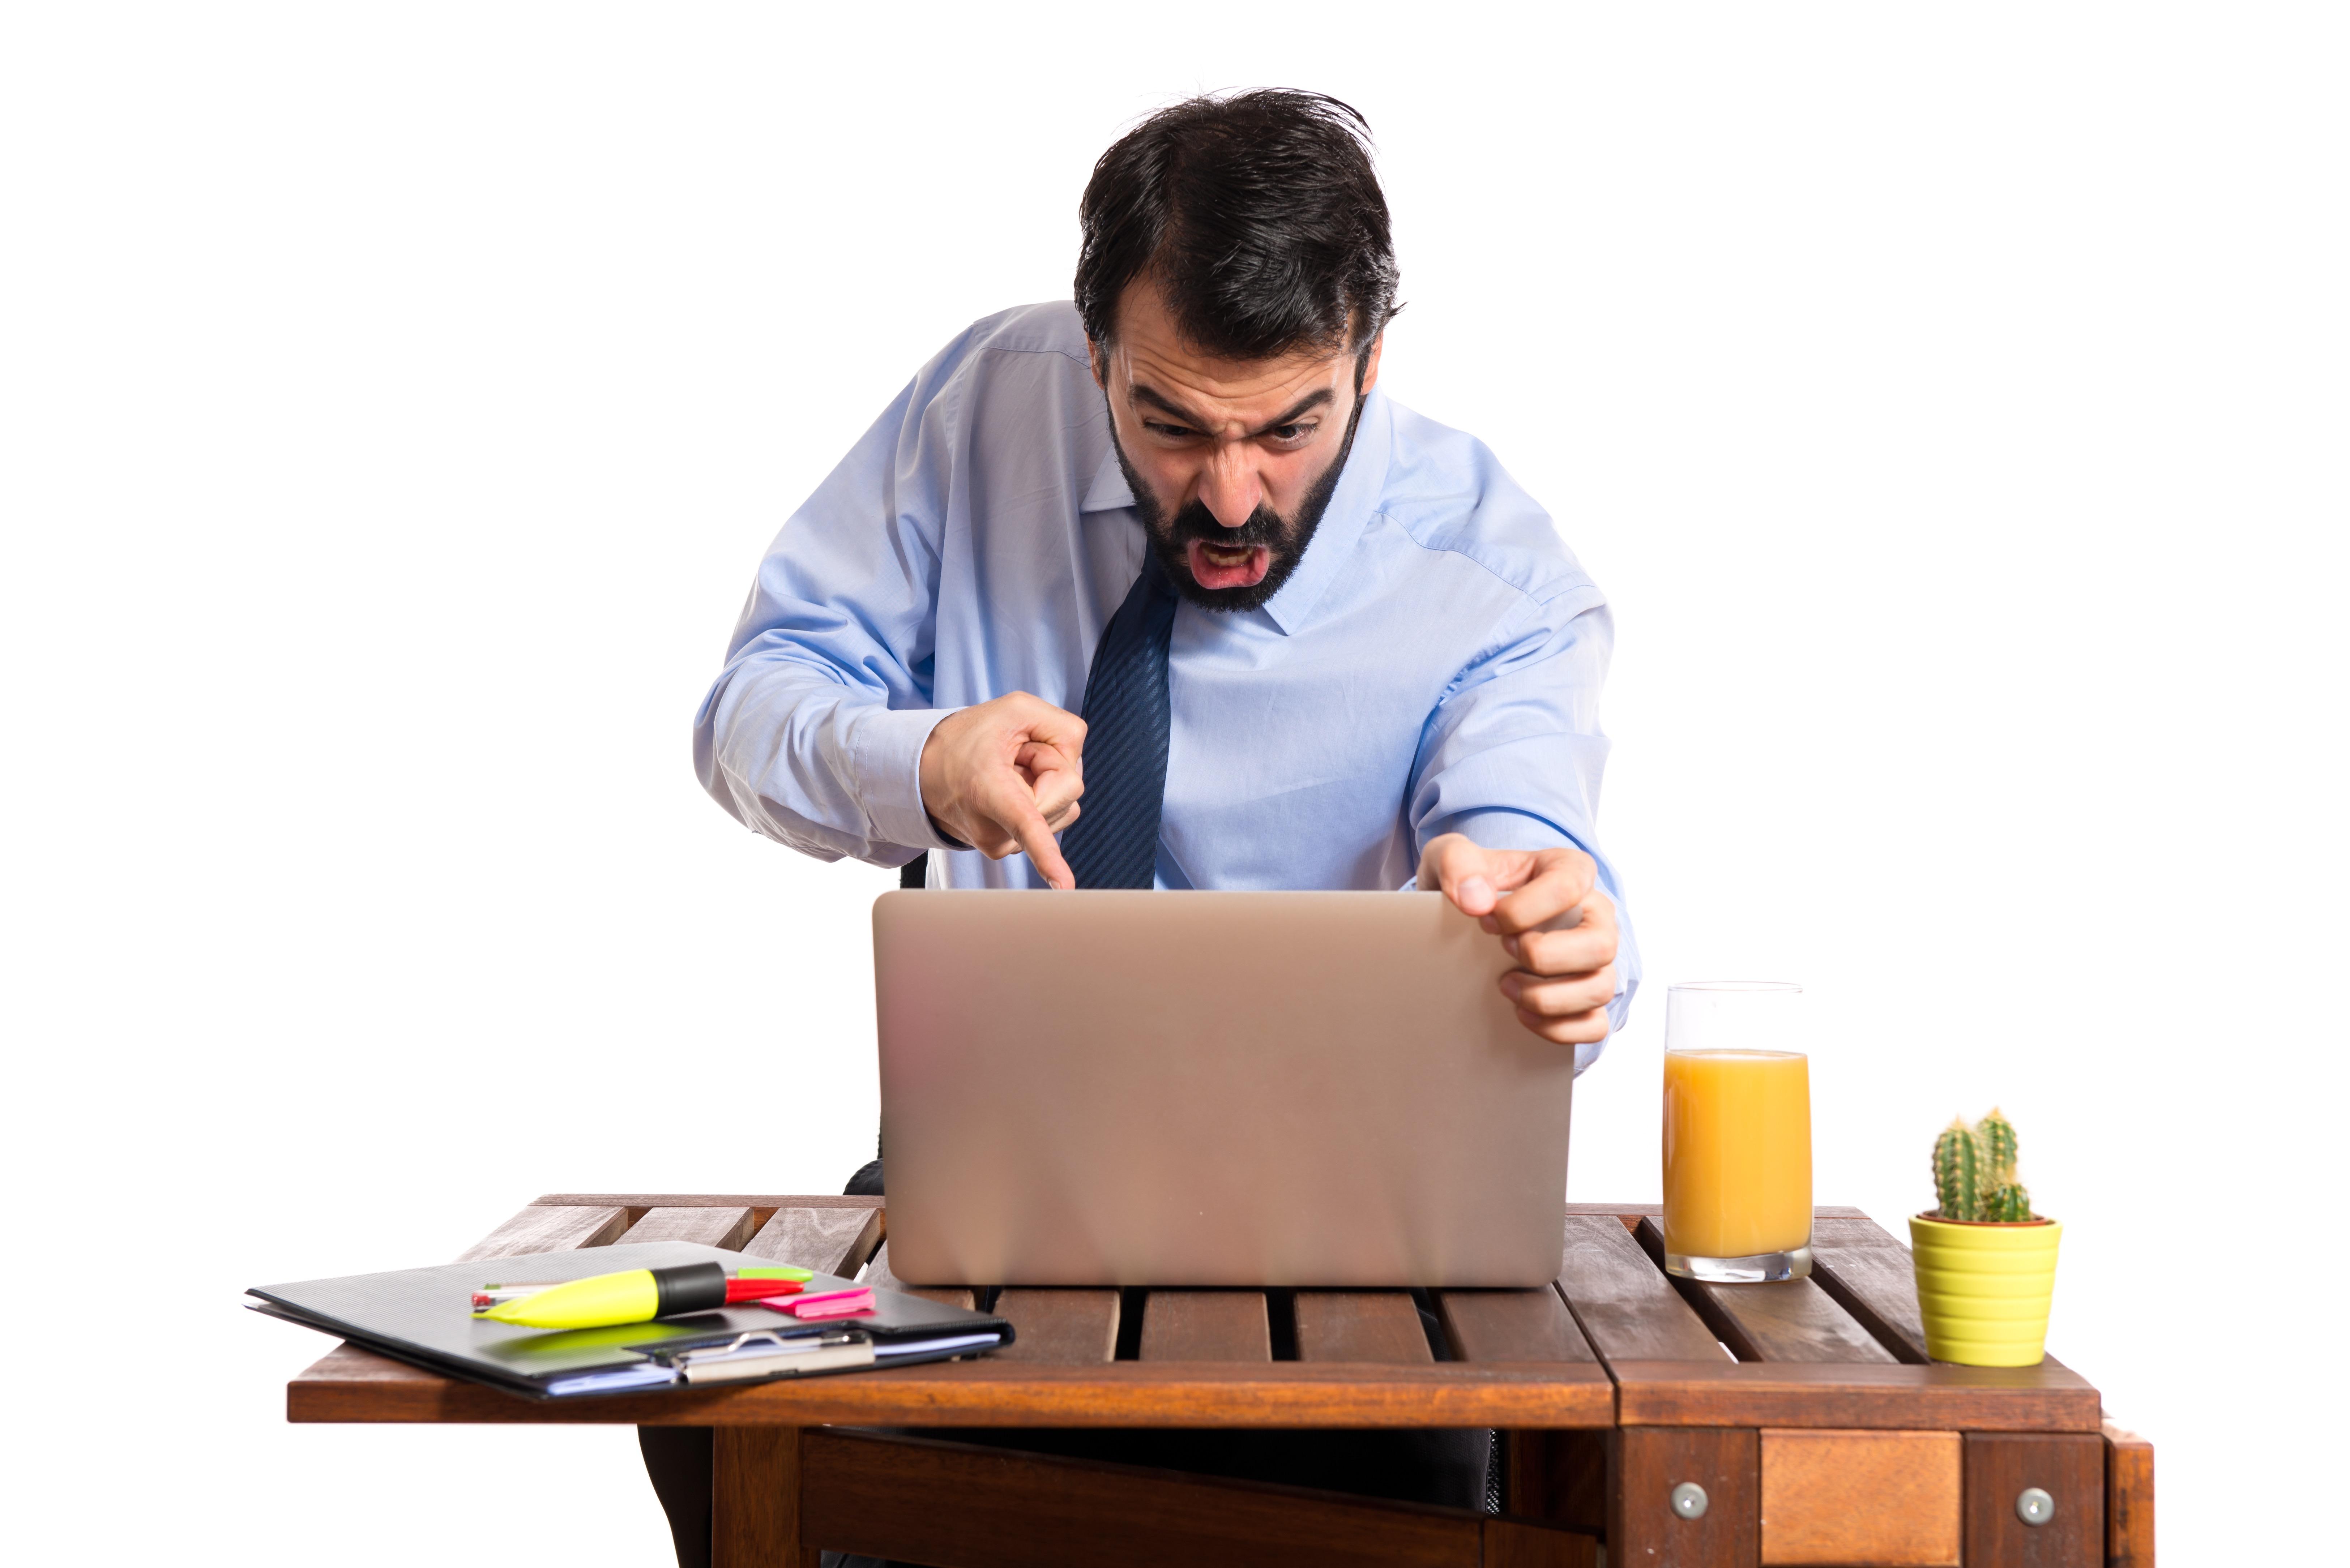 ¿Sabias que puedes denunciar el hostigamiento laboral?